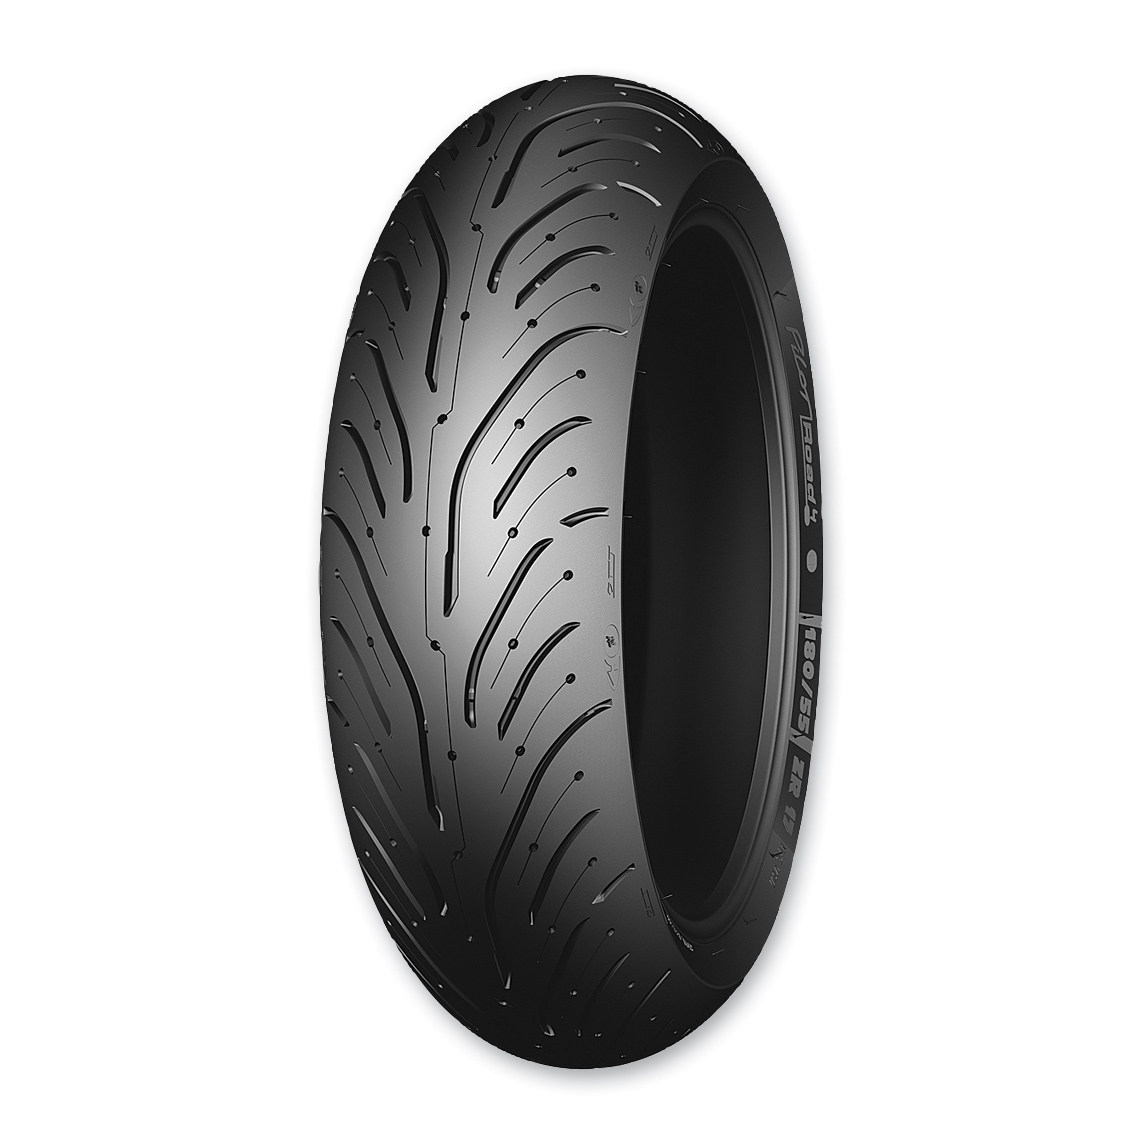 MV Agusta Brutale 750 America Michelin Pilot Power 2ct Rear Tyre 190//50 Zr17 73w for sale online